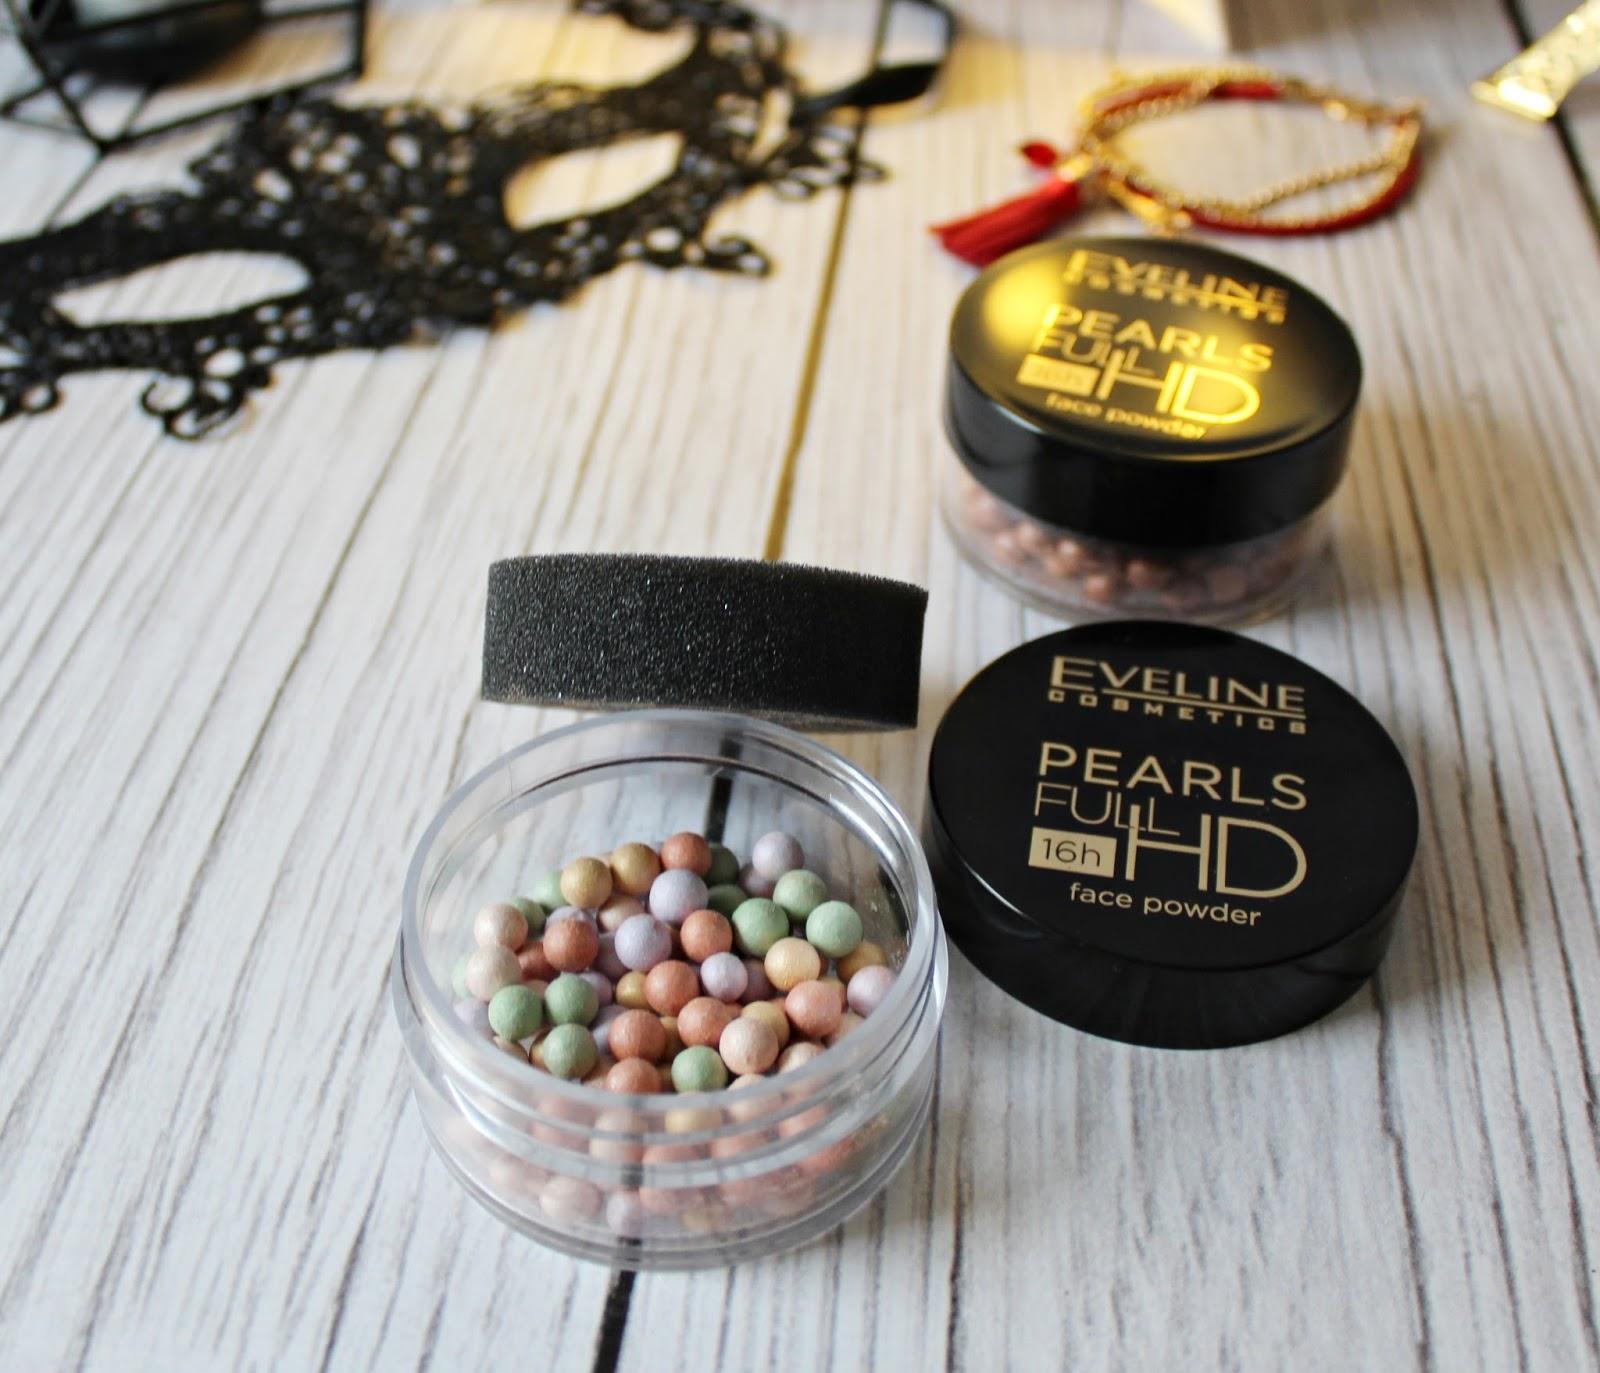 Eveline FULL HD – puder wyrównujący koloryt w kulkach